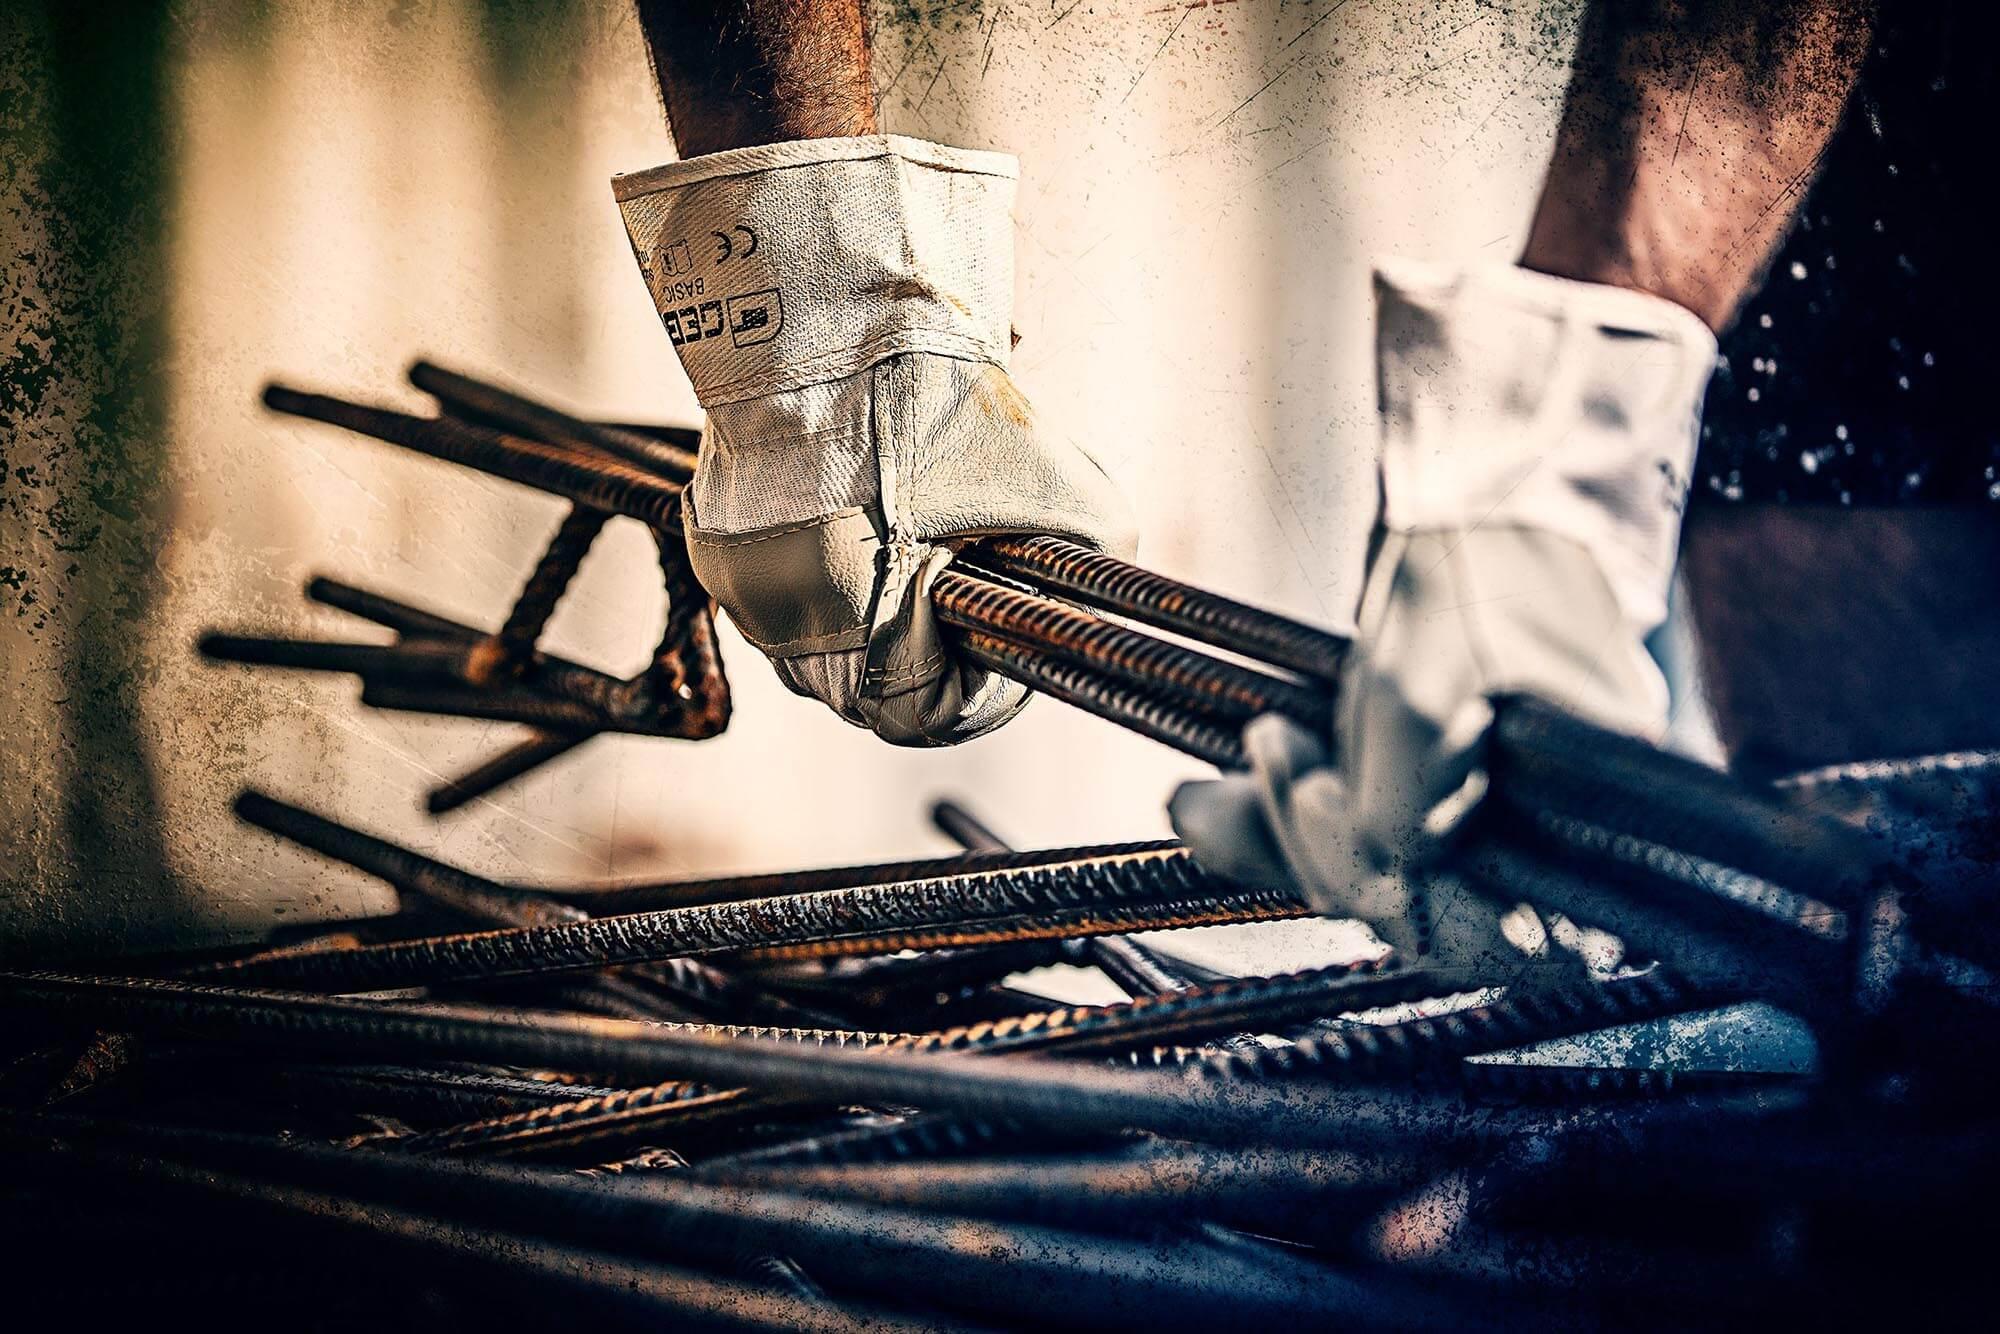 gebol florian riebert image fx product photography produktfotografie flap photography fotograf philipp greindl photographer